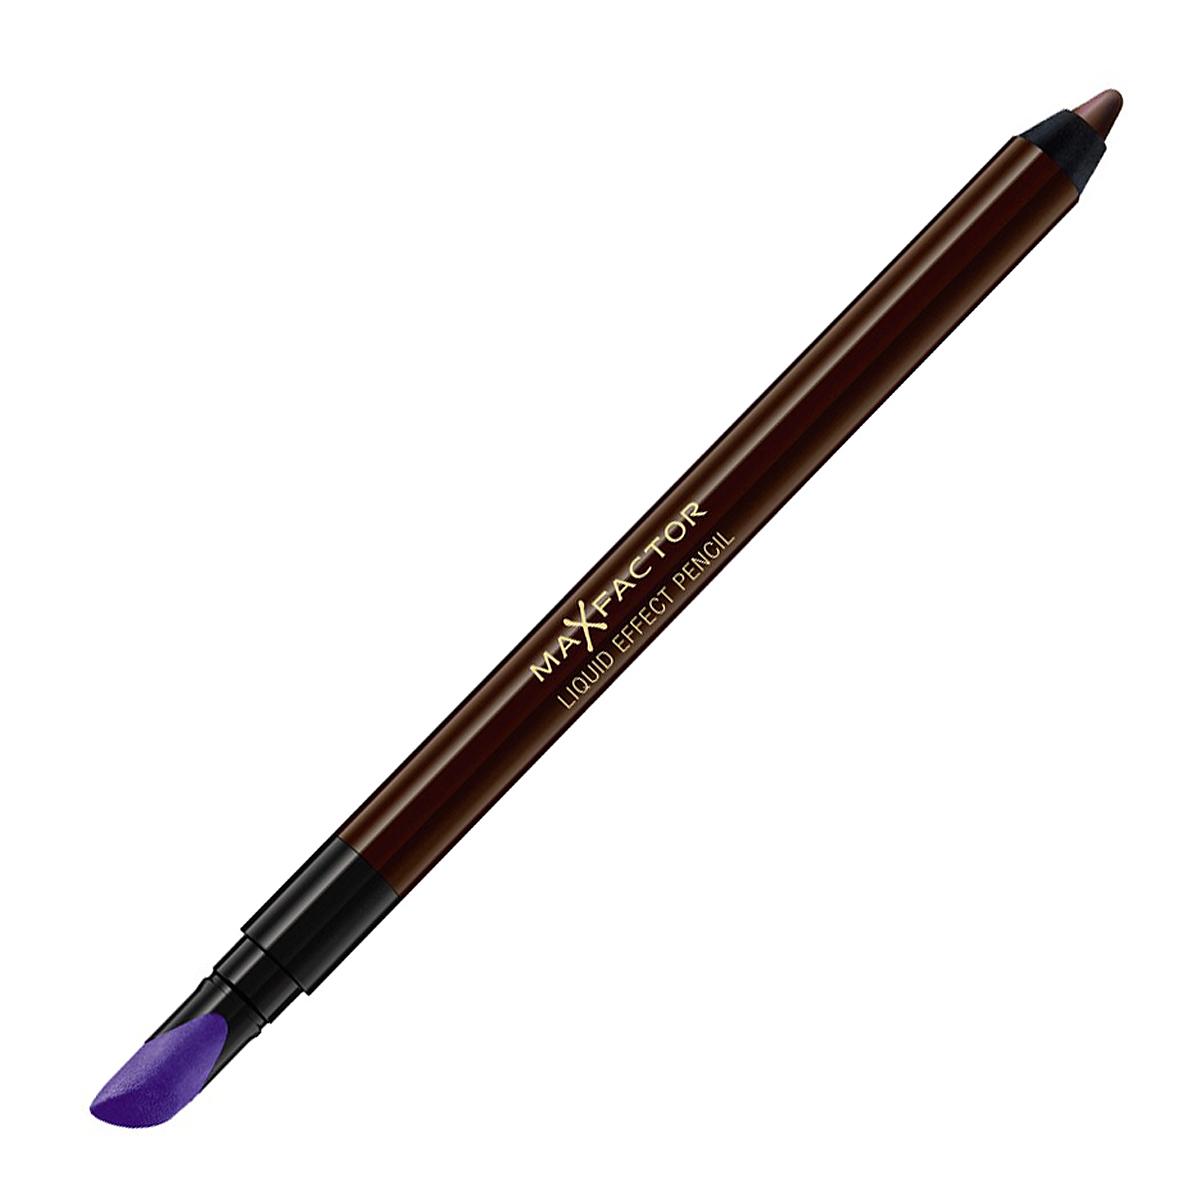 Max Factor Карандаш для глаз Liquid Effect Pencil, тон №05 Brown blaze, цвет: коричневый81440185Контурный карандаш для глаз Liquid Effect Pencil - это уникальное экспертное решение компании MaxFactor для макияжа глаз.Удобство использования карандаша сочетается с четкостью линий и насыщенностью цвета подводки для век. При помощи специального наконечника можно плавно растушевать стрелки и создать эффект Smoky eyes.Устойчивый к внешним воздействиям. Универсальный карандаш для век поможет придать вашим глазам особую выразительность и таинственность с легким эффектом гламура. Товар сертифицирован.